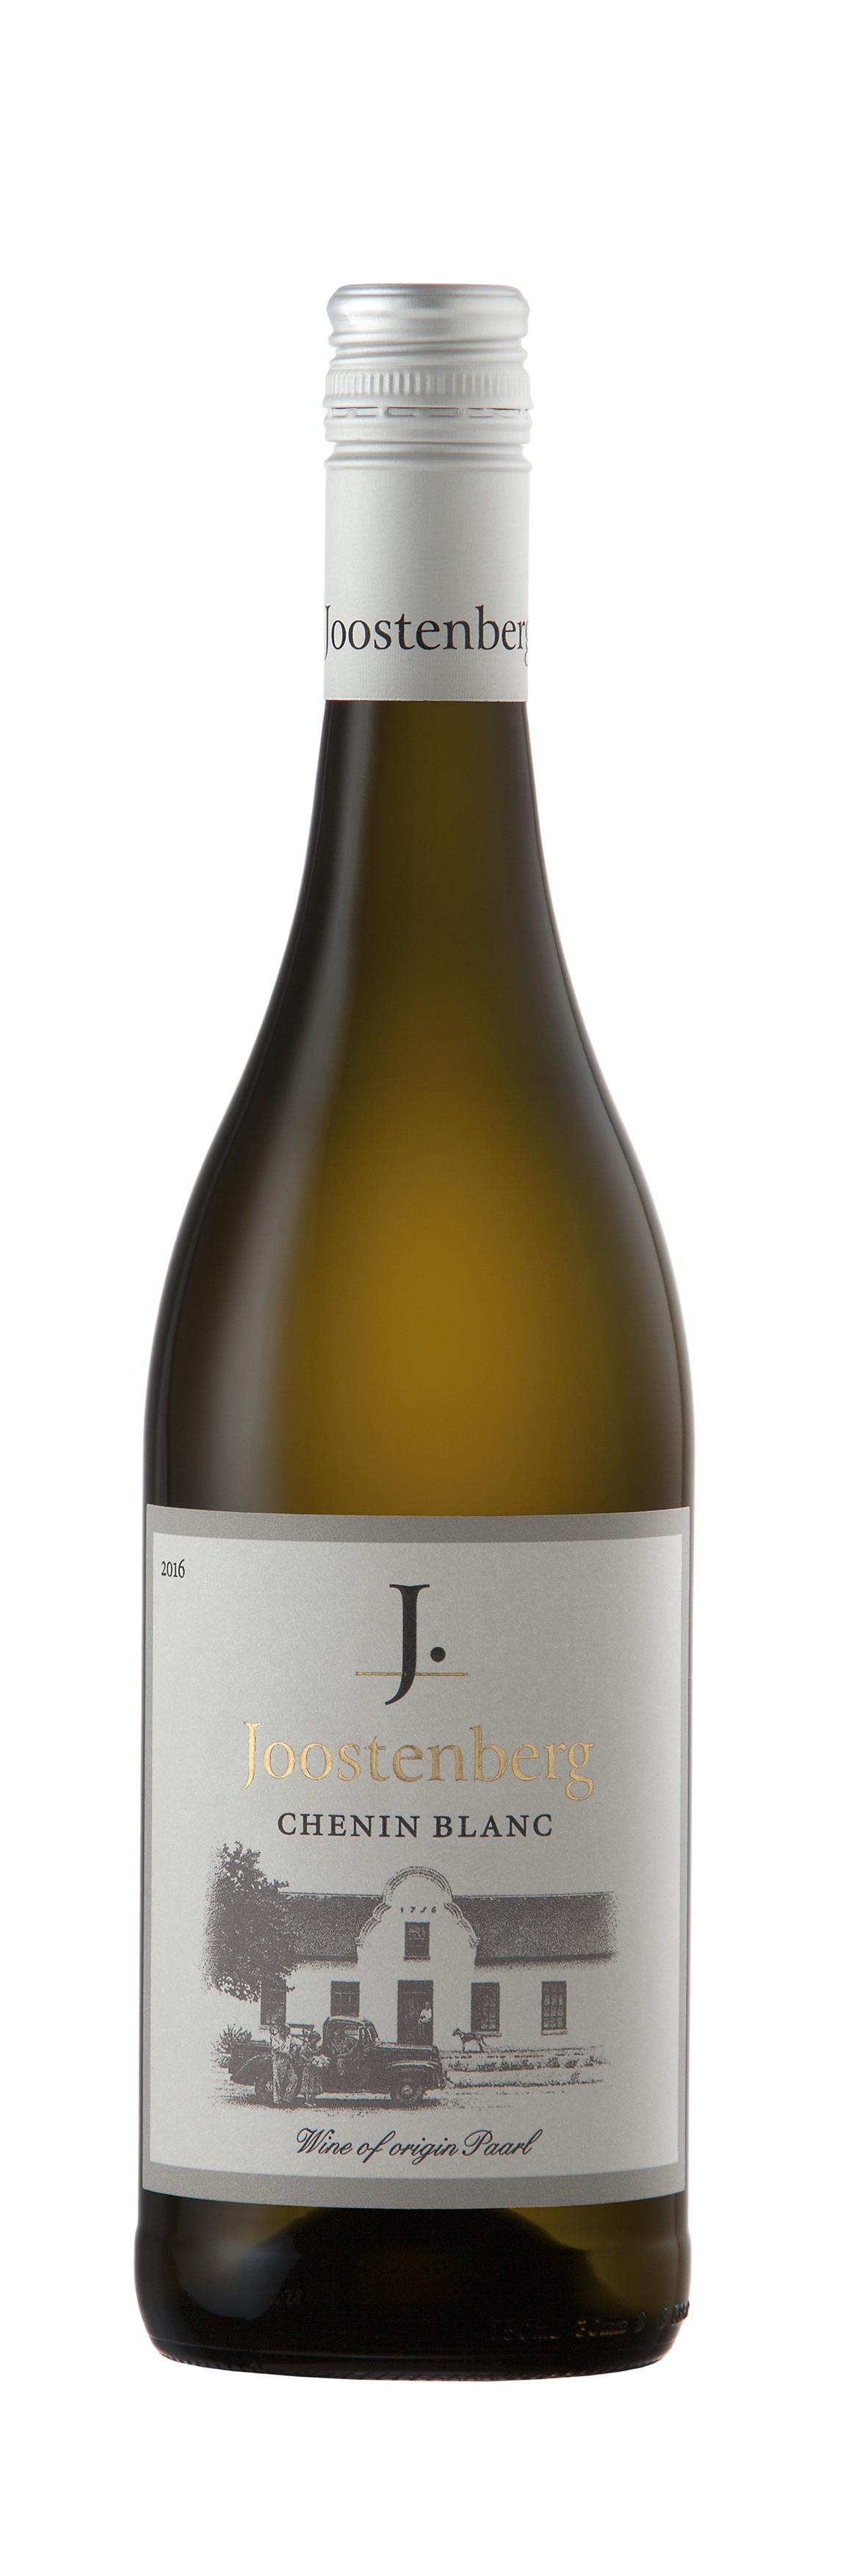 Joostenberg joostenberg chenin blanc joostenberg for Chenin blanc